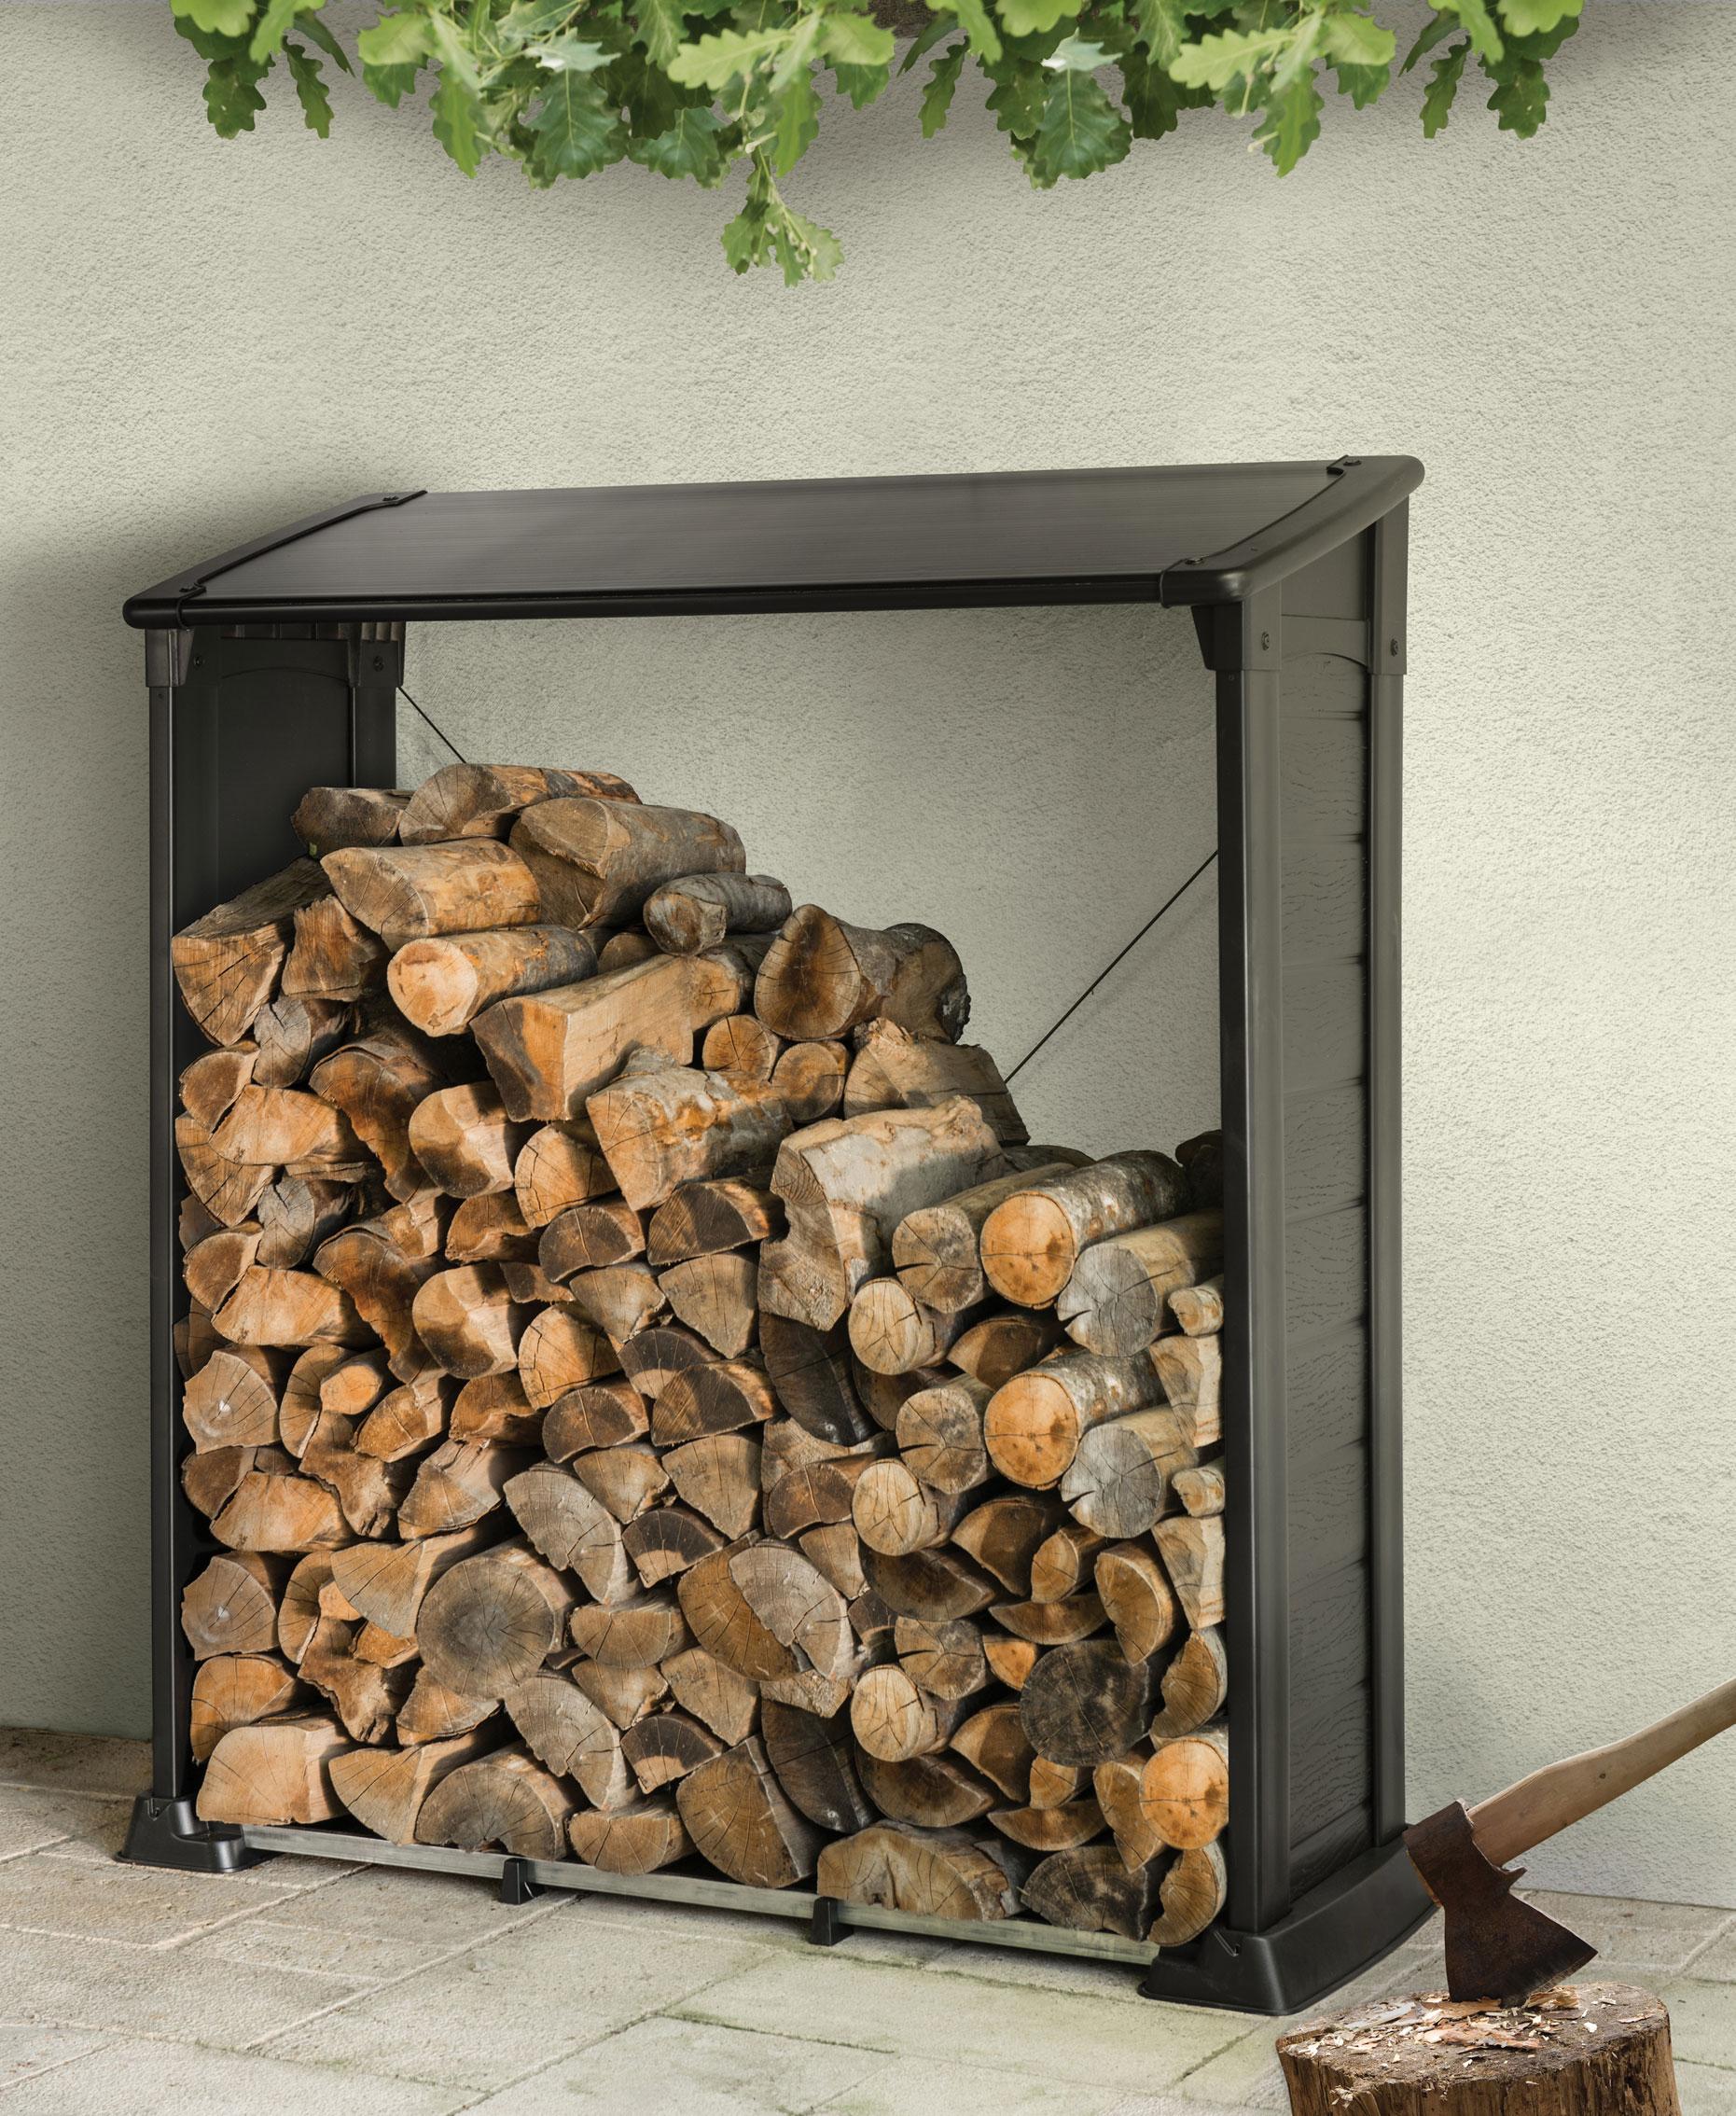 brennholzregal obi brennholzregal obi ambiznes. Black Bedroom Furniture Sets. Home Design Ideas